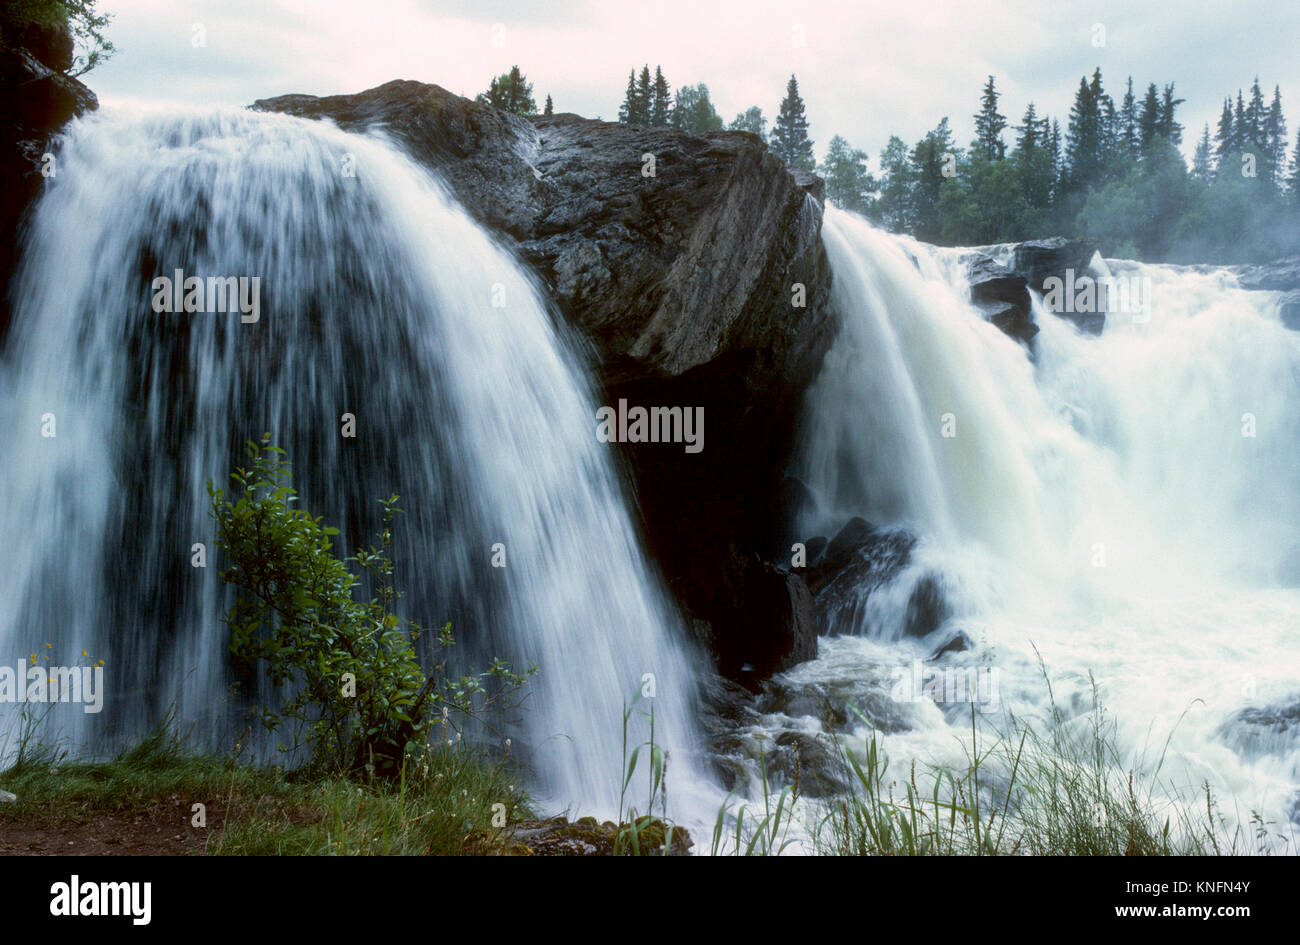 RISTAFALLET im schwedischen Jämtland eine der großen Wasserfall in Schweden am Indalsälven 2011 Stockbild